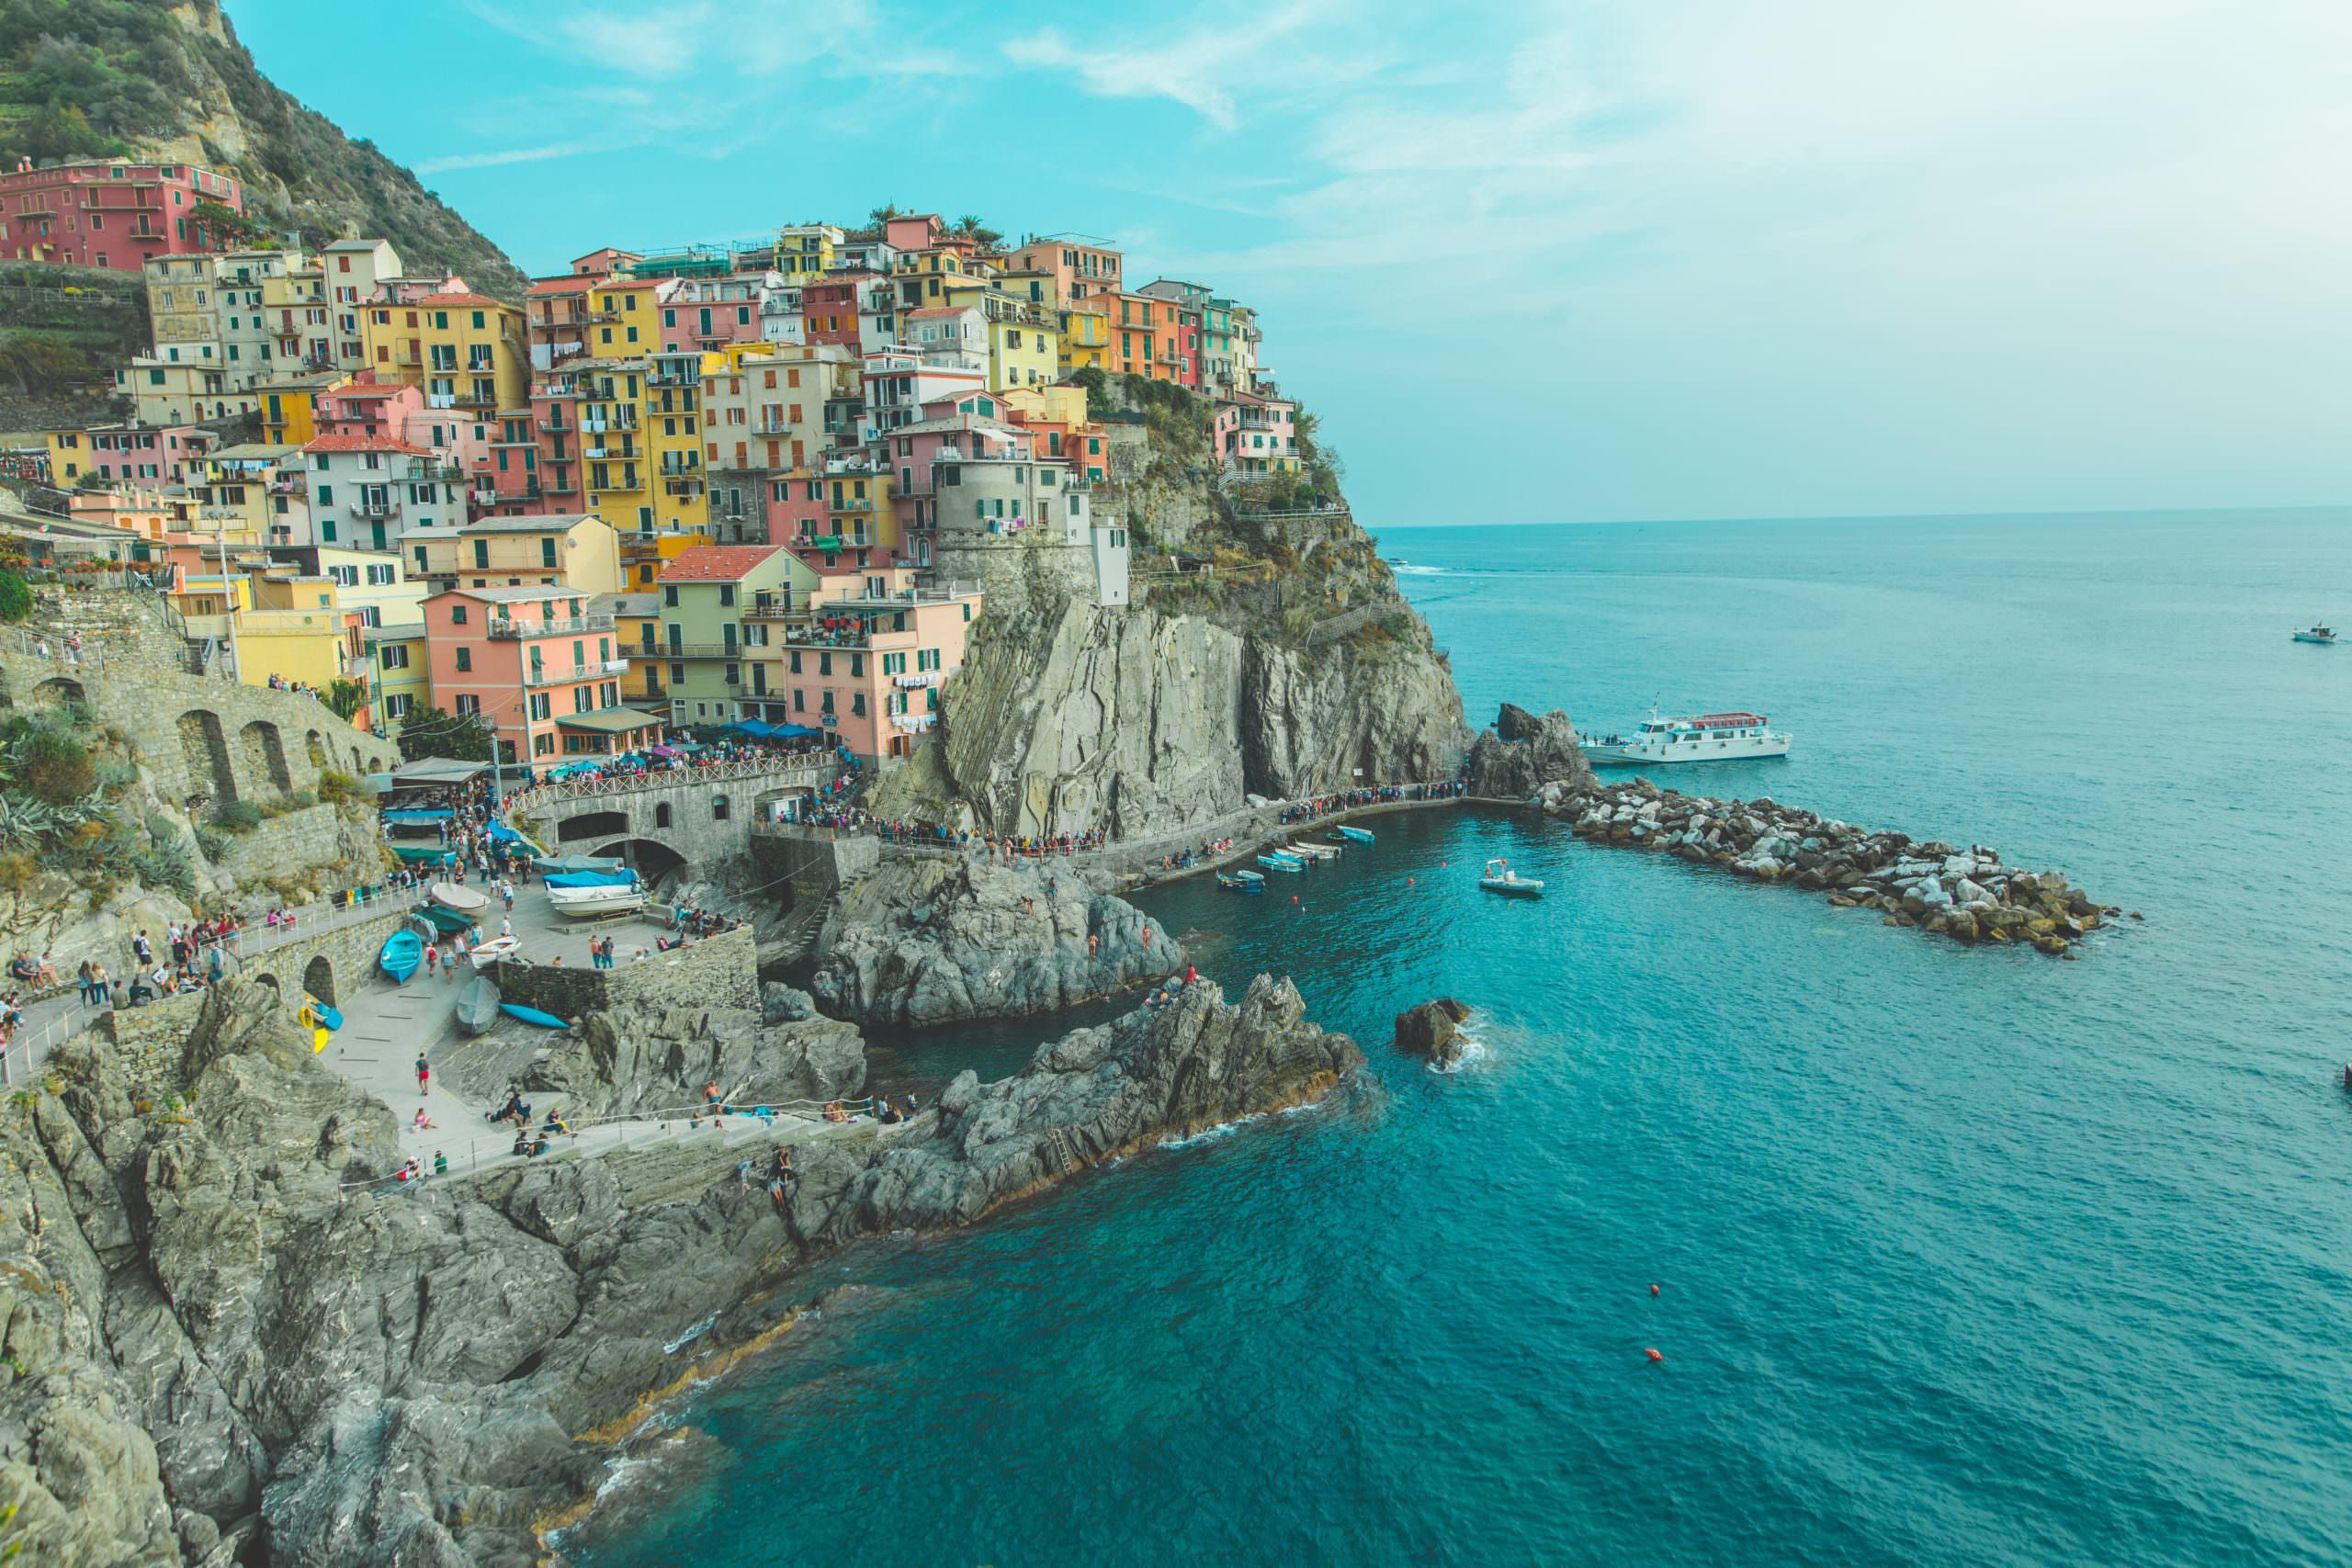 أجمل المدن الساحرة ذات المنازل الملونة